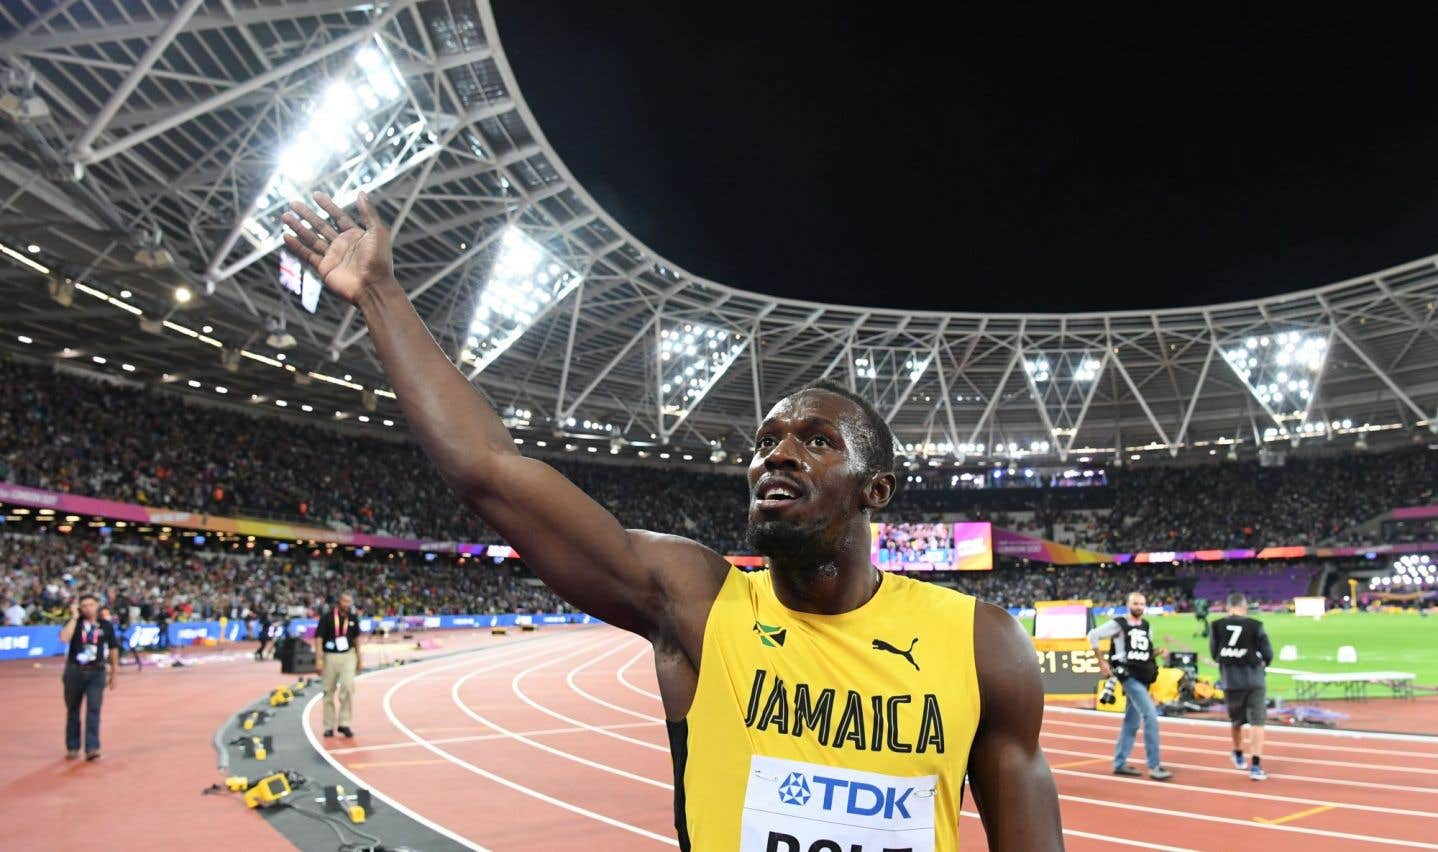 Après Bolt, l'athlétisme a peur du vide